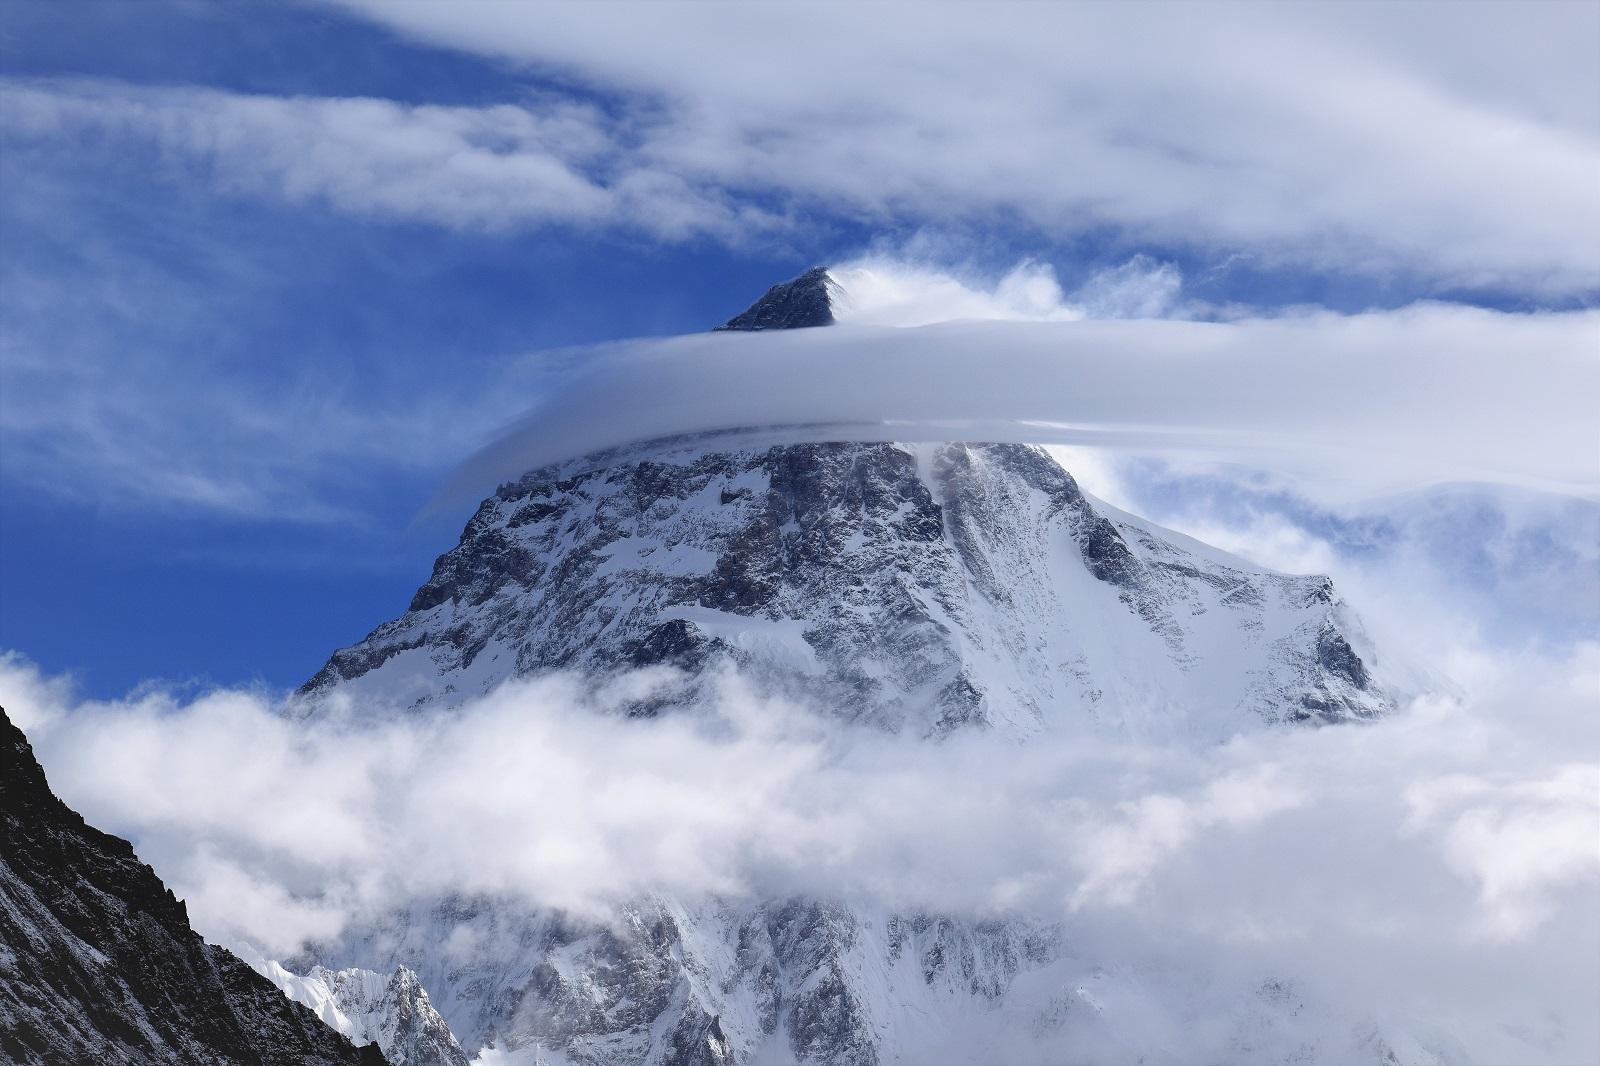 K2 - druhá najvyššia hora našej planéty (8611 m) zahalená oblakmi